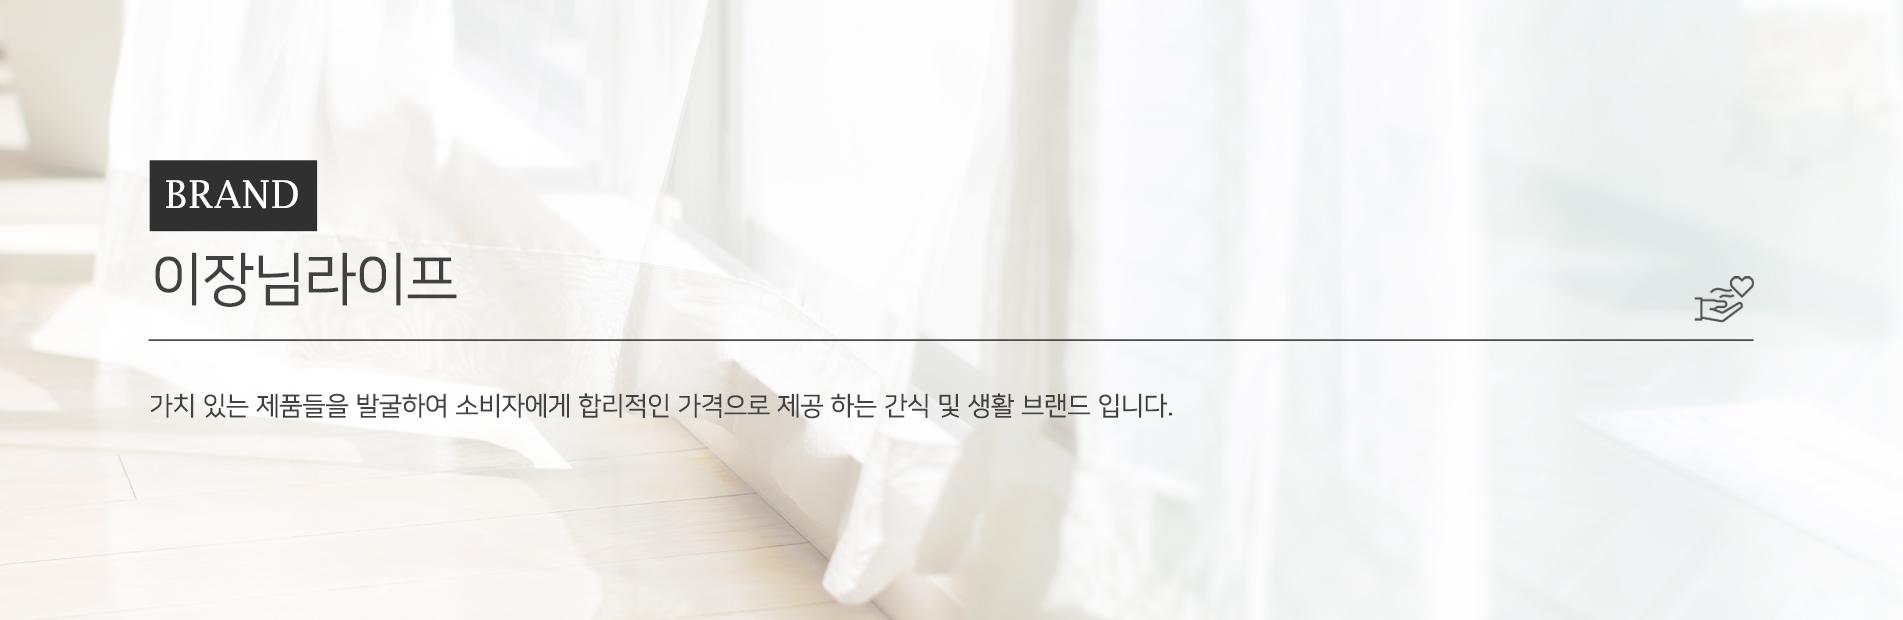 30밀리스토어 소셜가 이장님라이프 소개